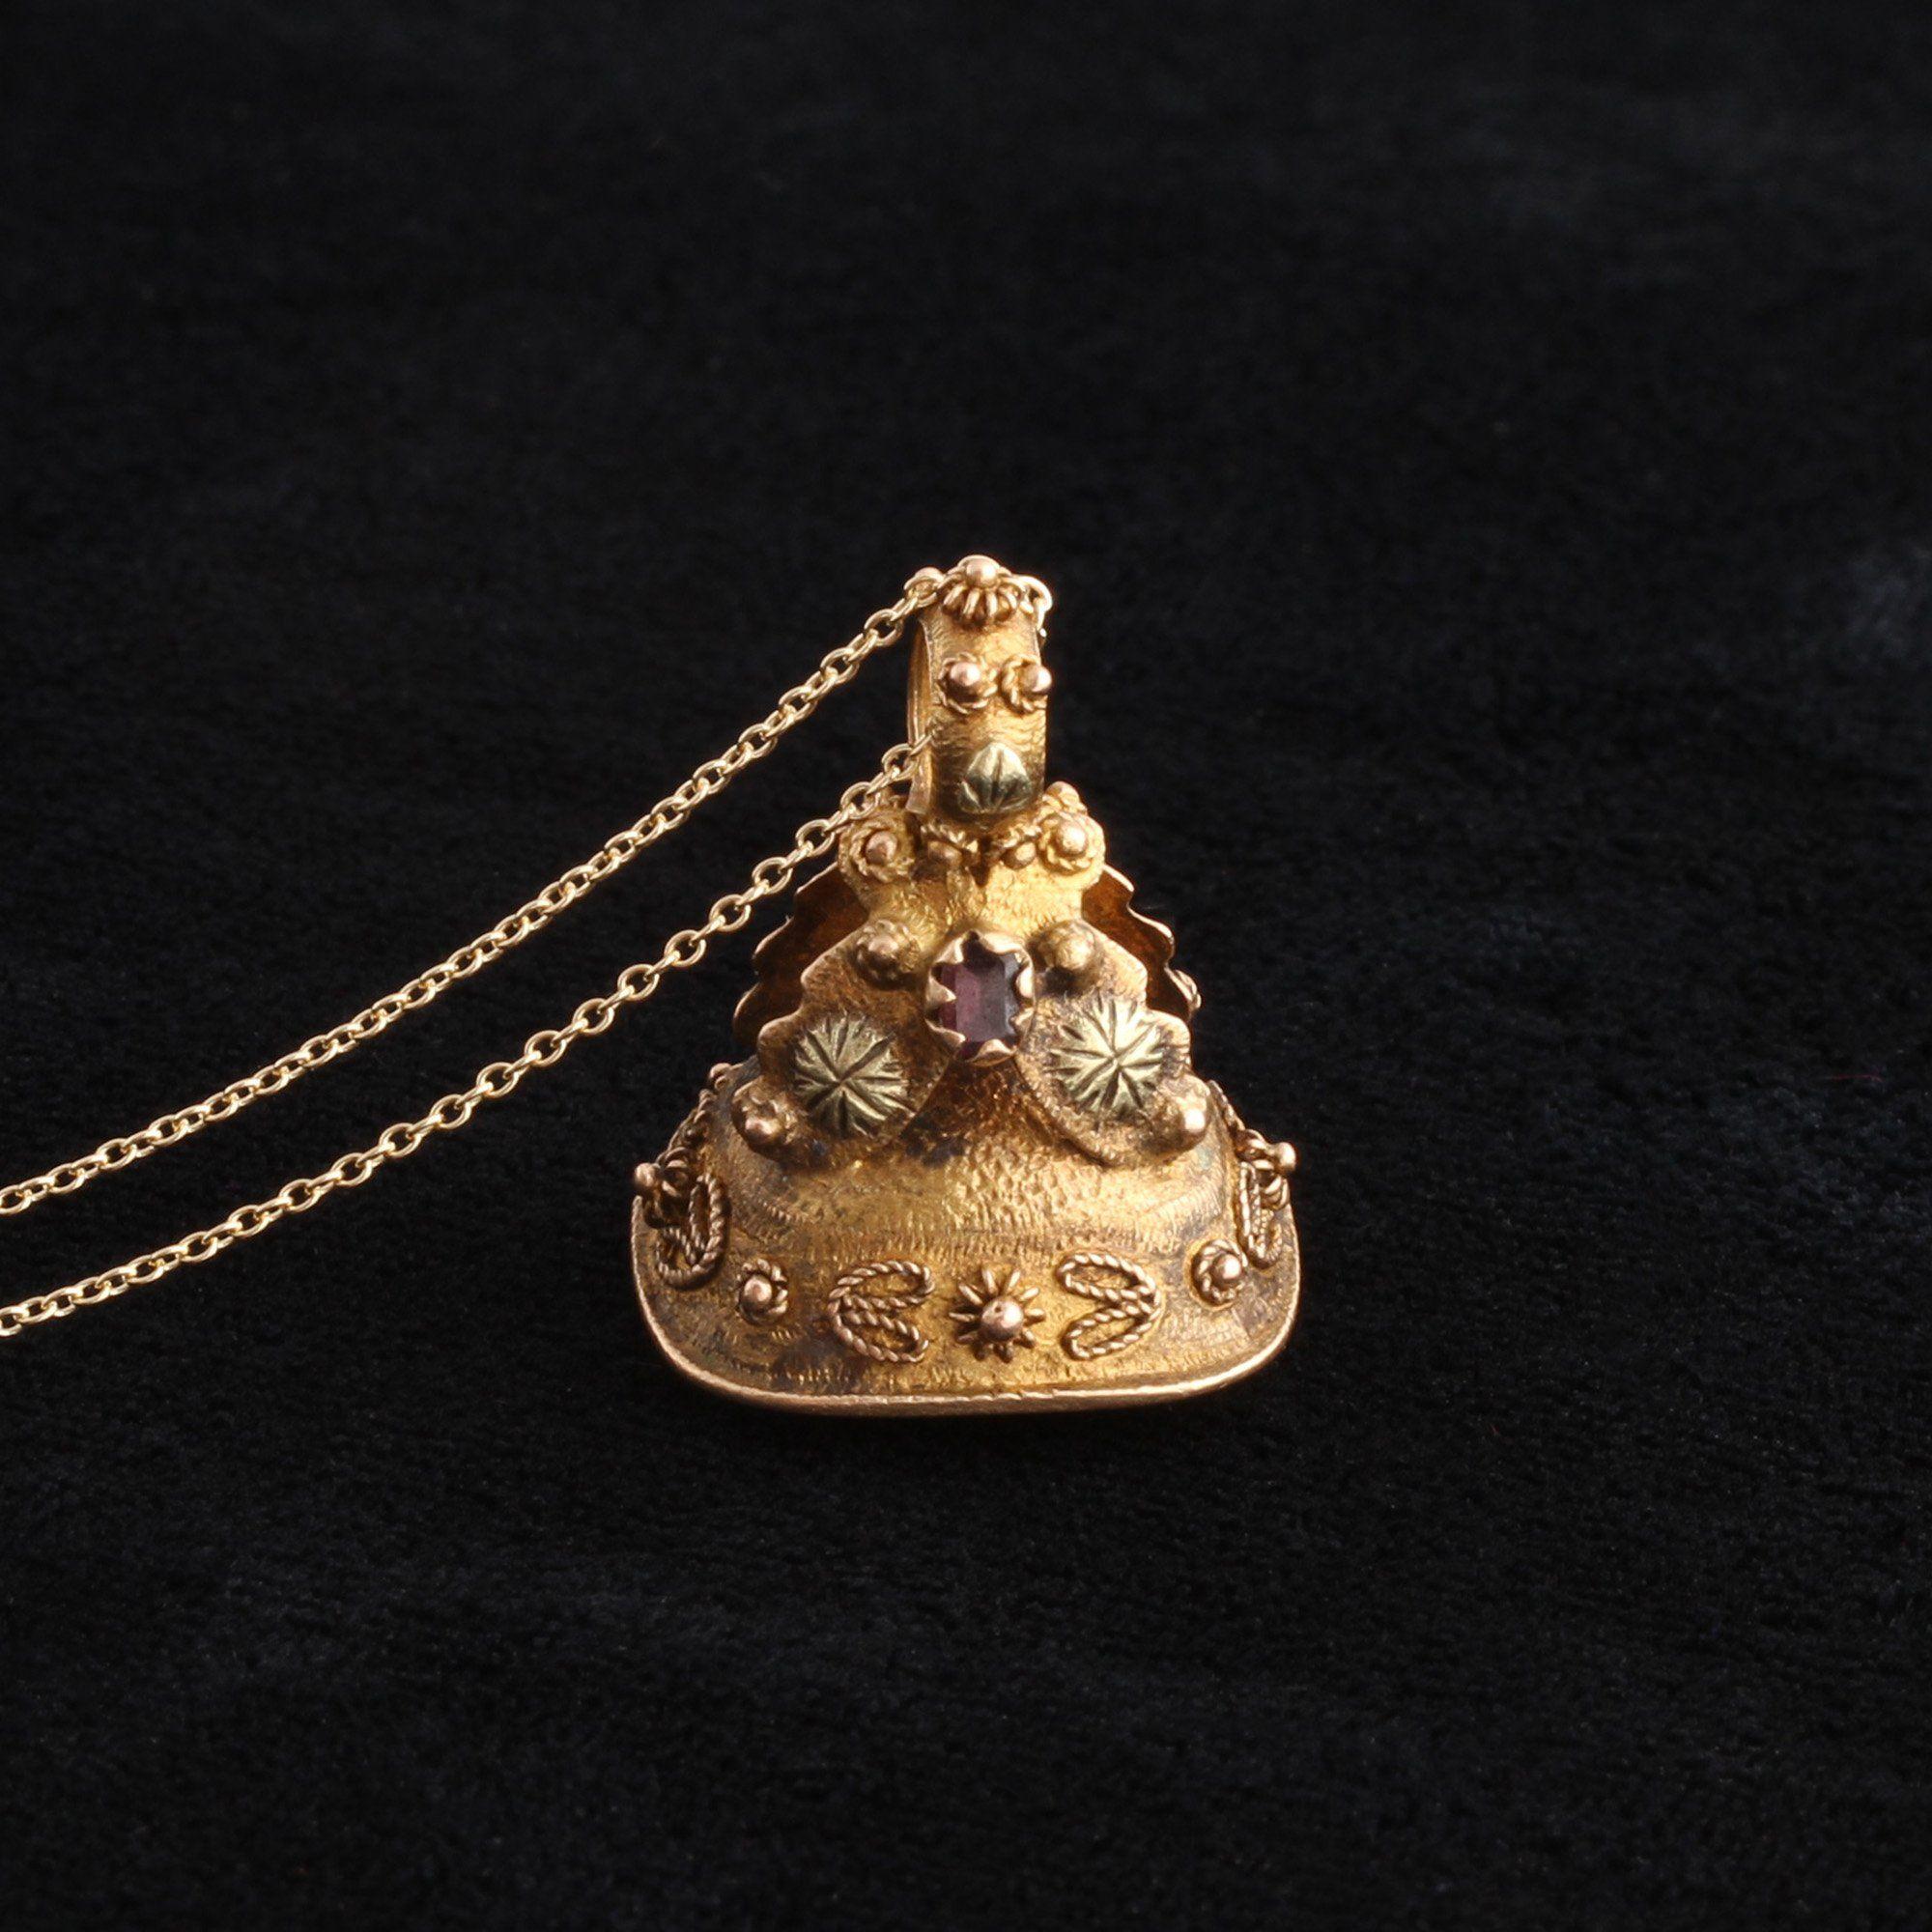 Georgian Amethyst Fob Necklace